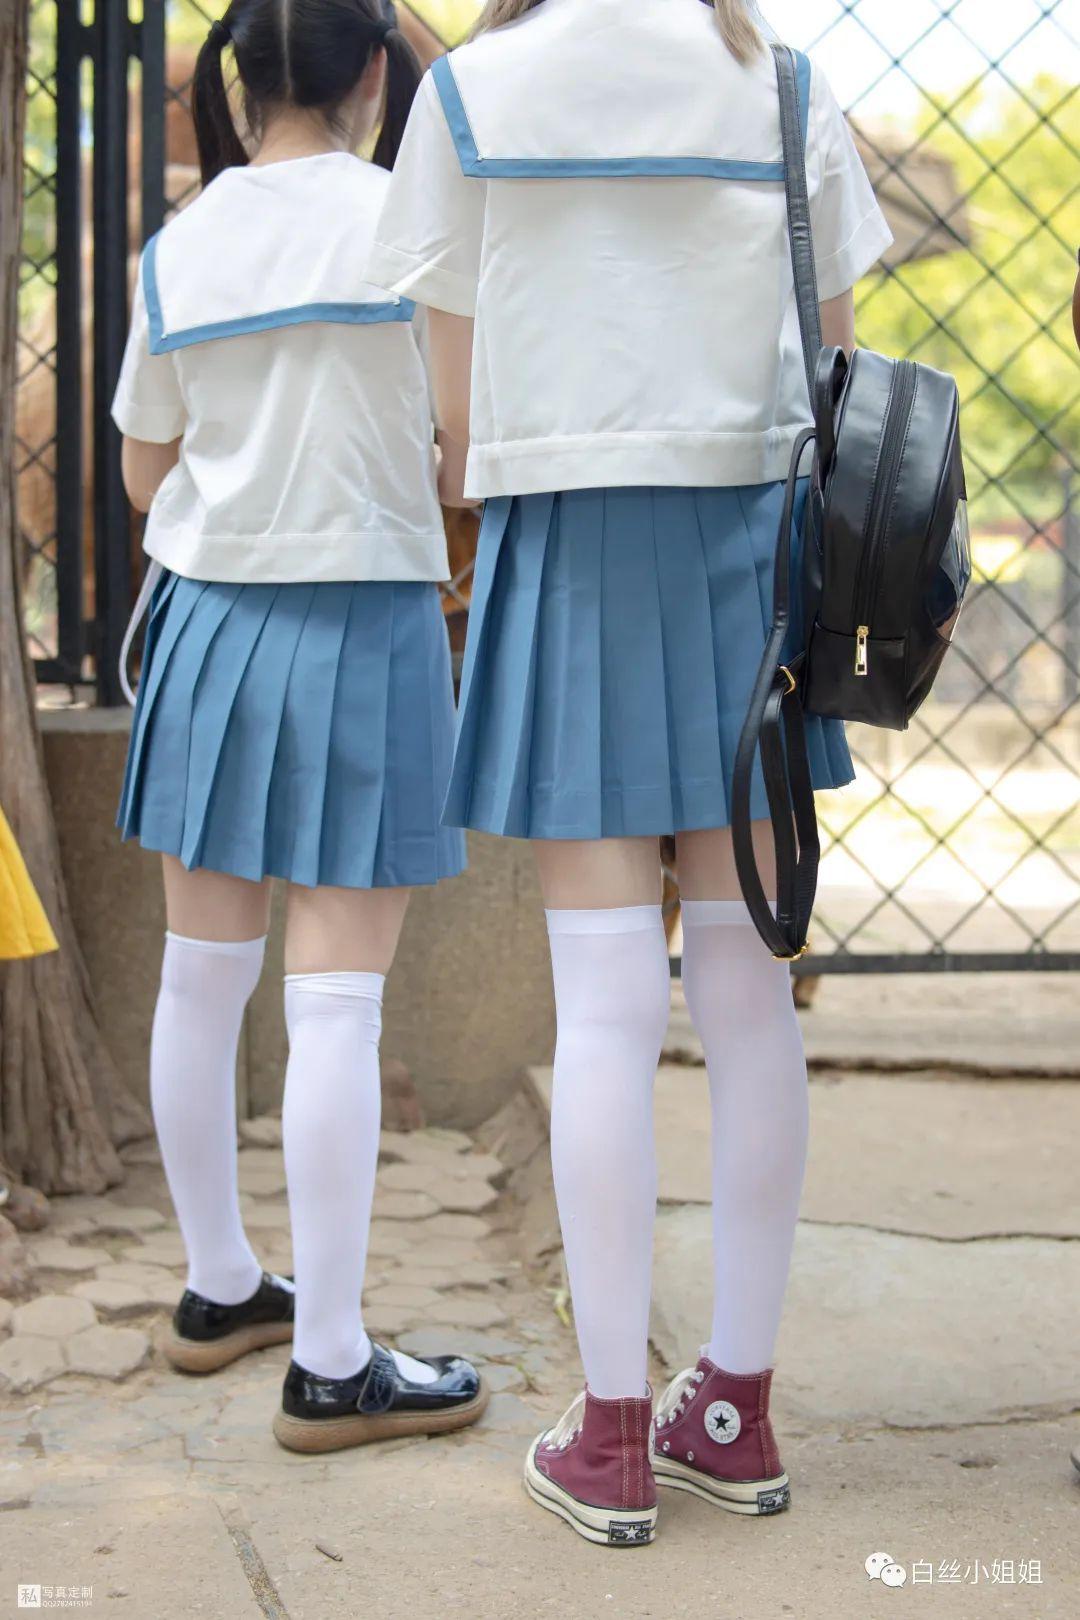 妹子摄影 – 白丝袜JK制服萝莉成对出现,双倍快乐!_图片 No.8